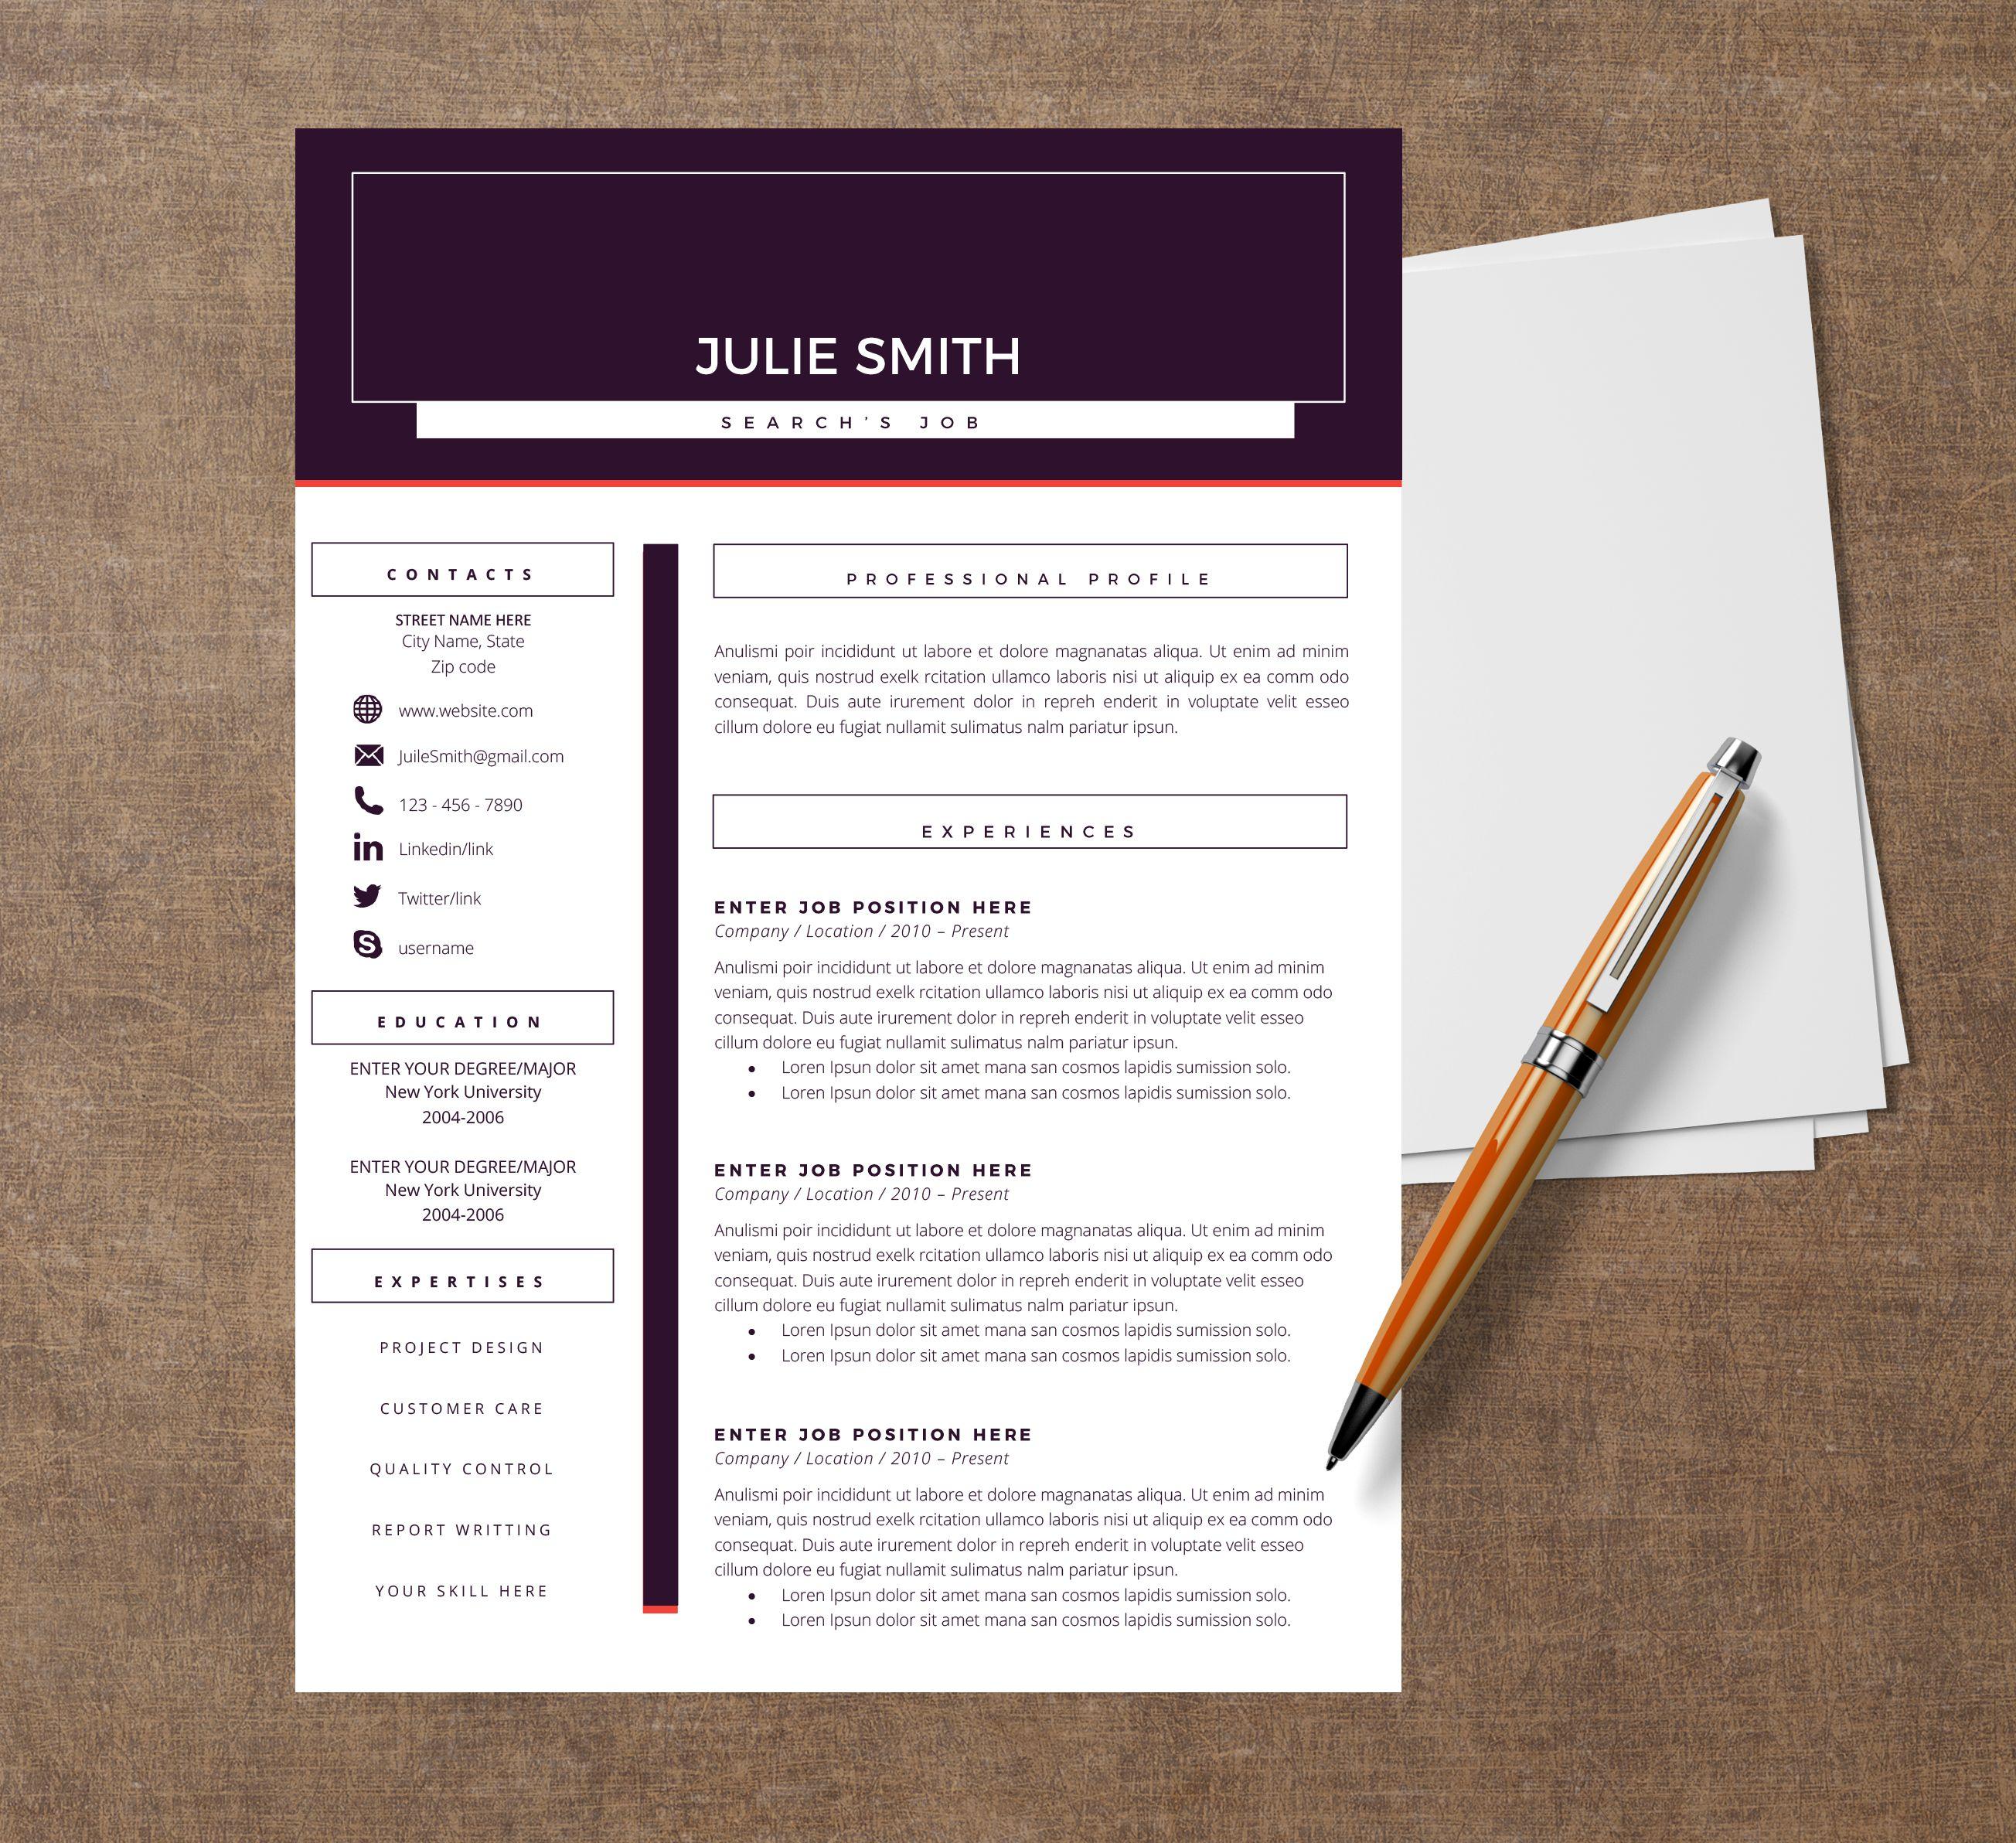 Curriculum Vitae Sur Deux Pages Pour Pouvoir Mettre En Avant Vos References Et Vos Experiences Possible De Modifier S Curriculum Vitae Curriculum Creation Cv